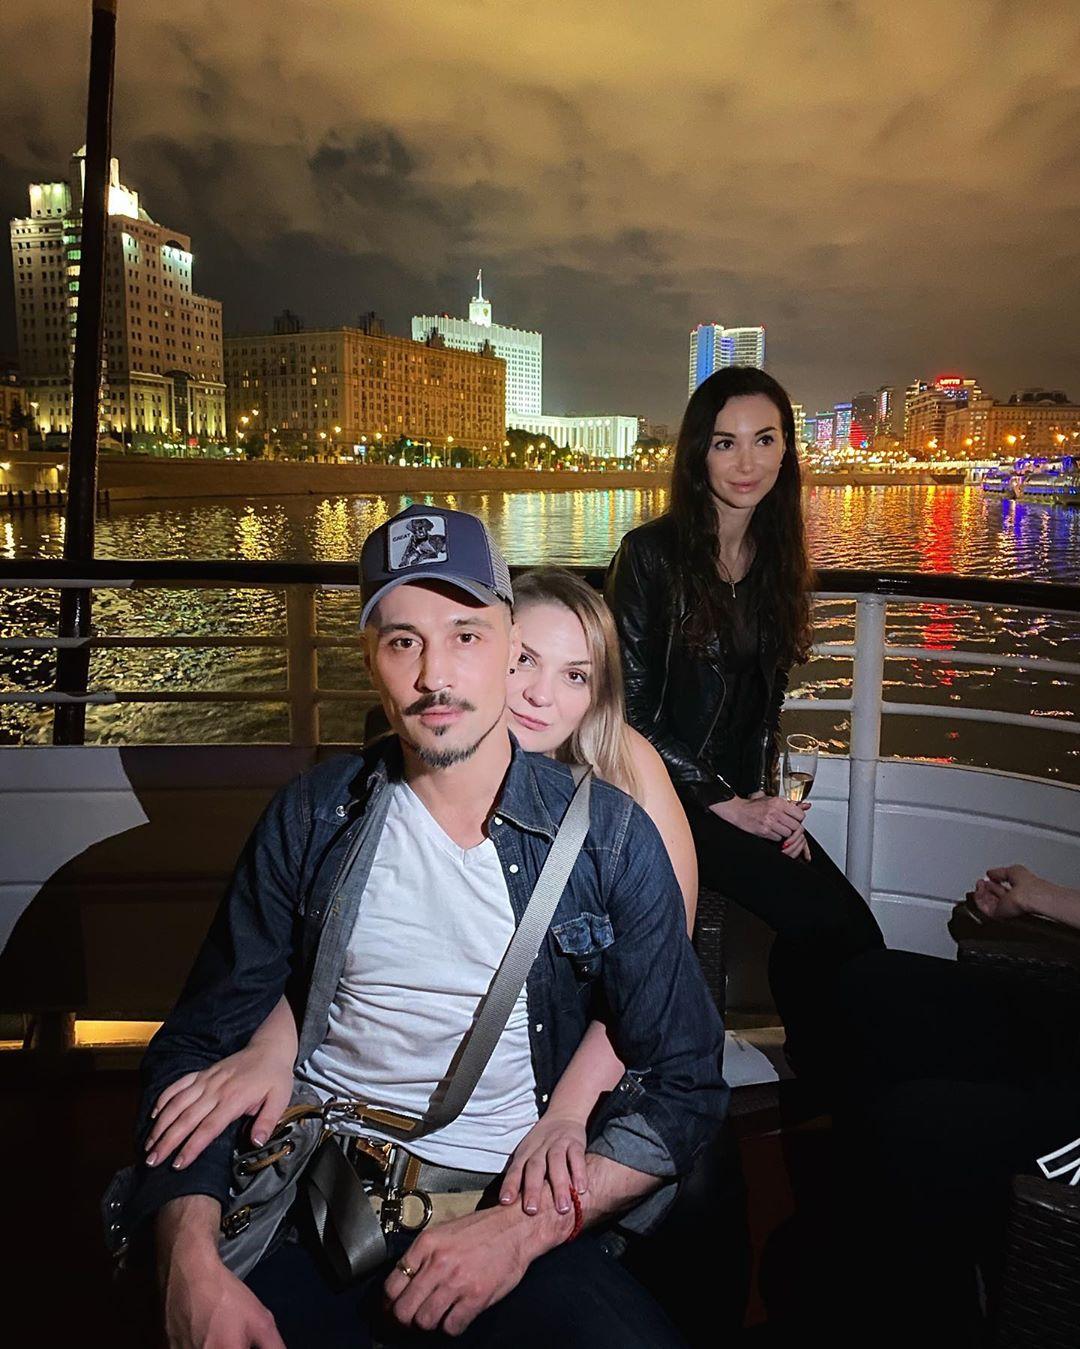 Дима Билан показал фото с Дня рождения своей сестры